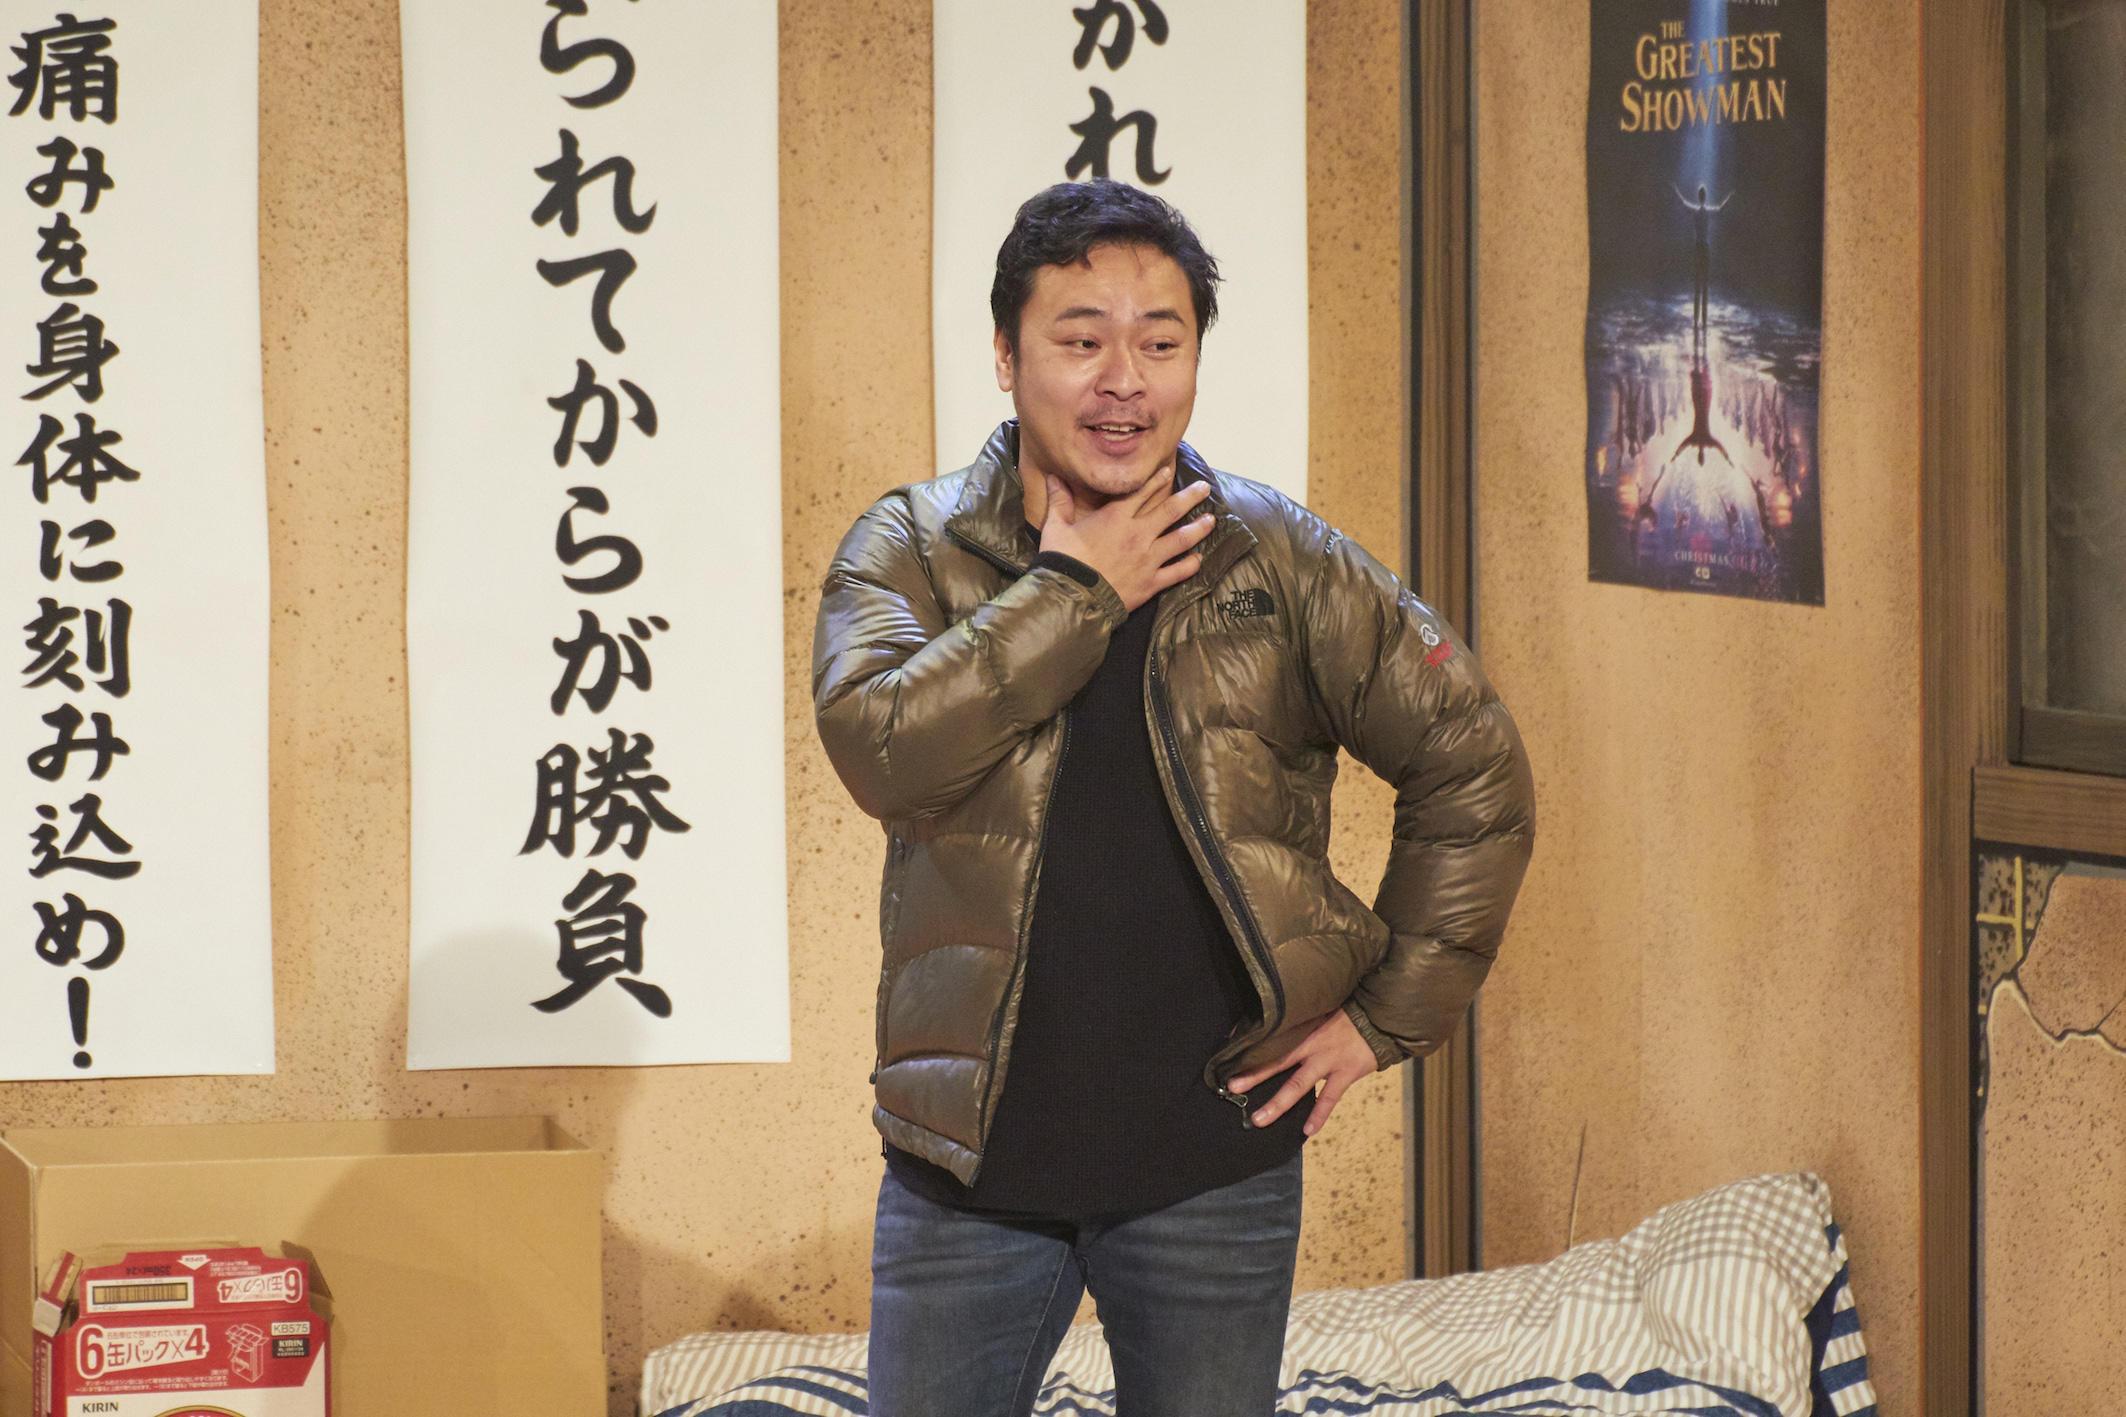 http://news.yoshimoto.co.jp/20190201161245-3a98484f843c762b99ffd5beccda976b3a65b2b5.jpg